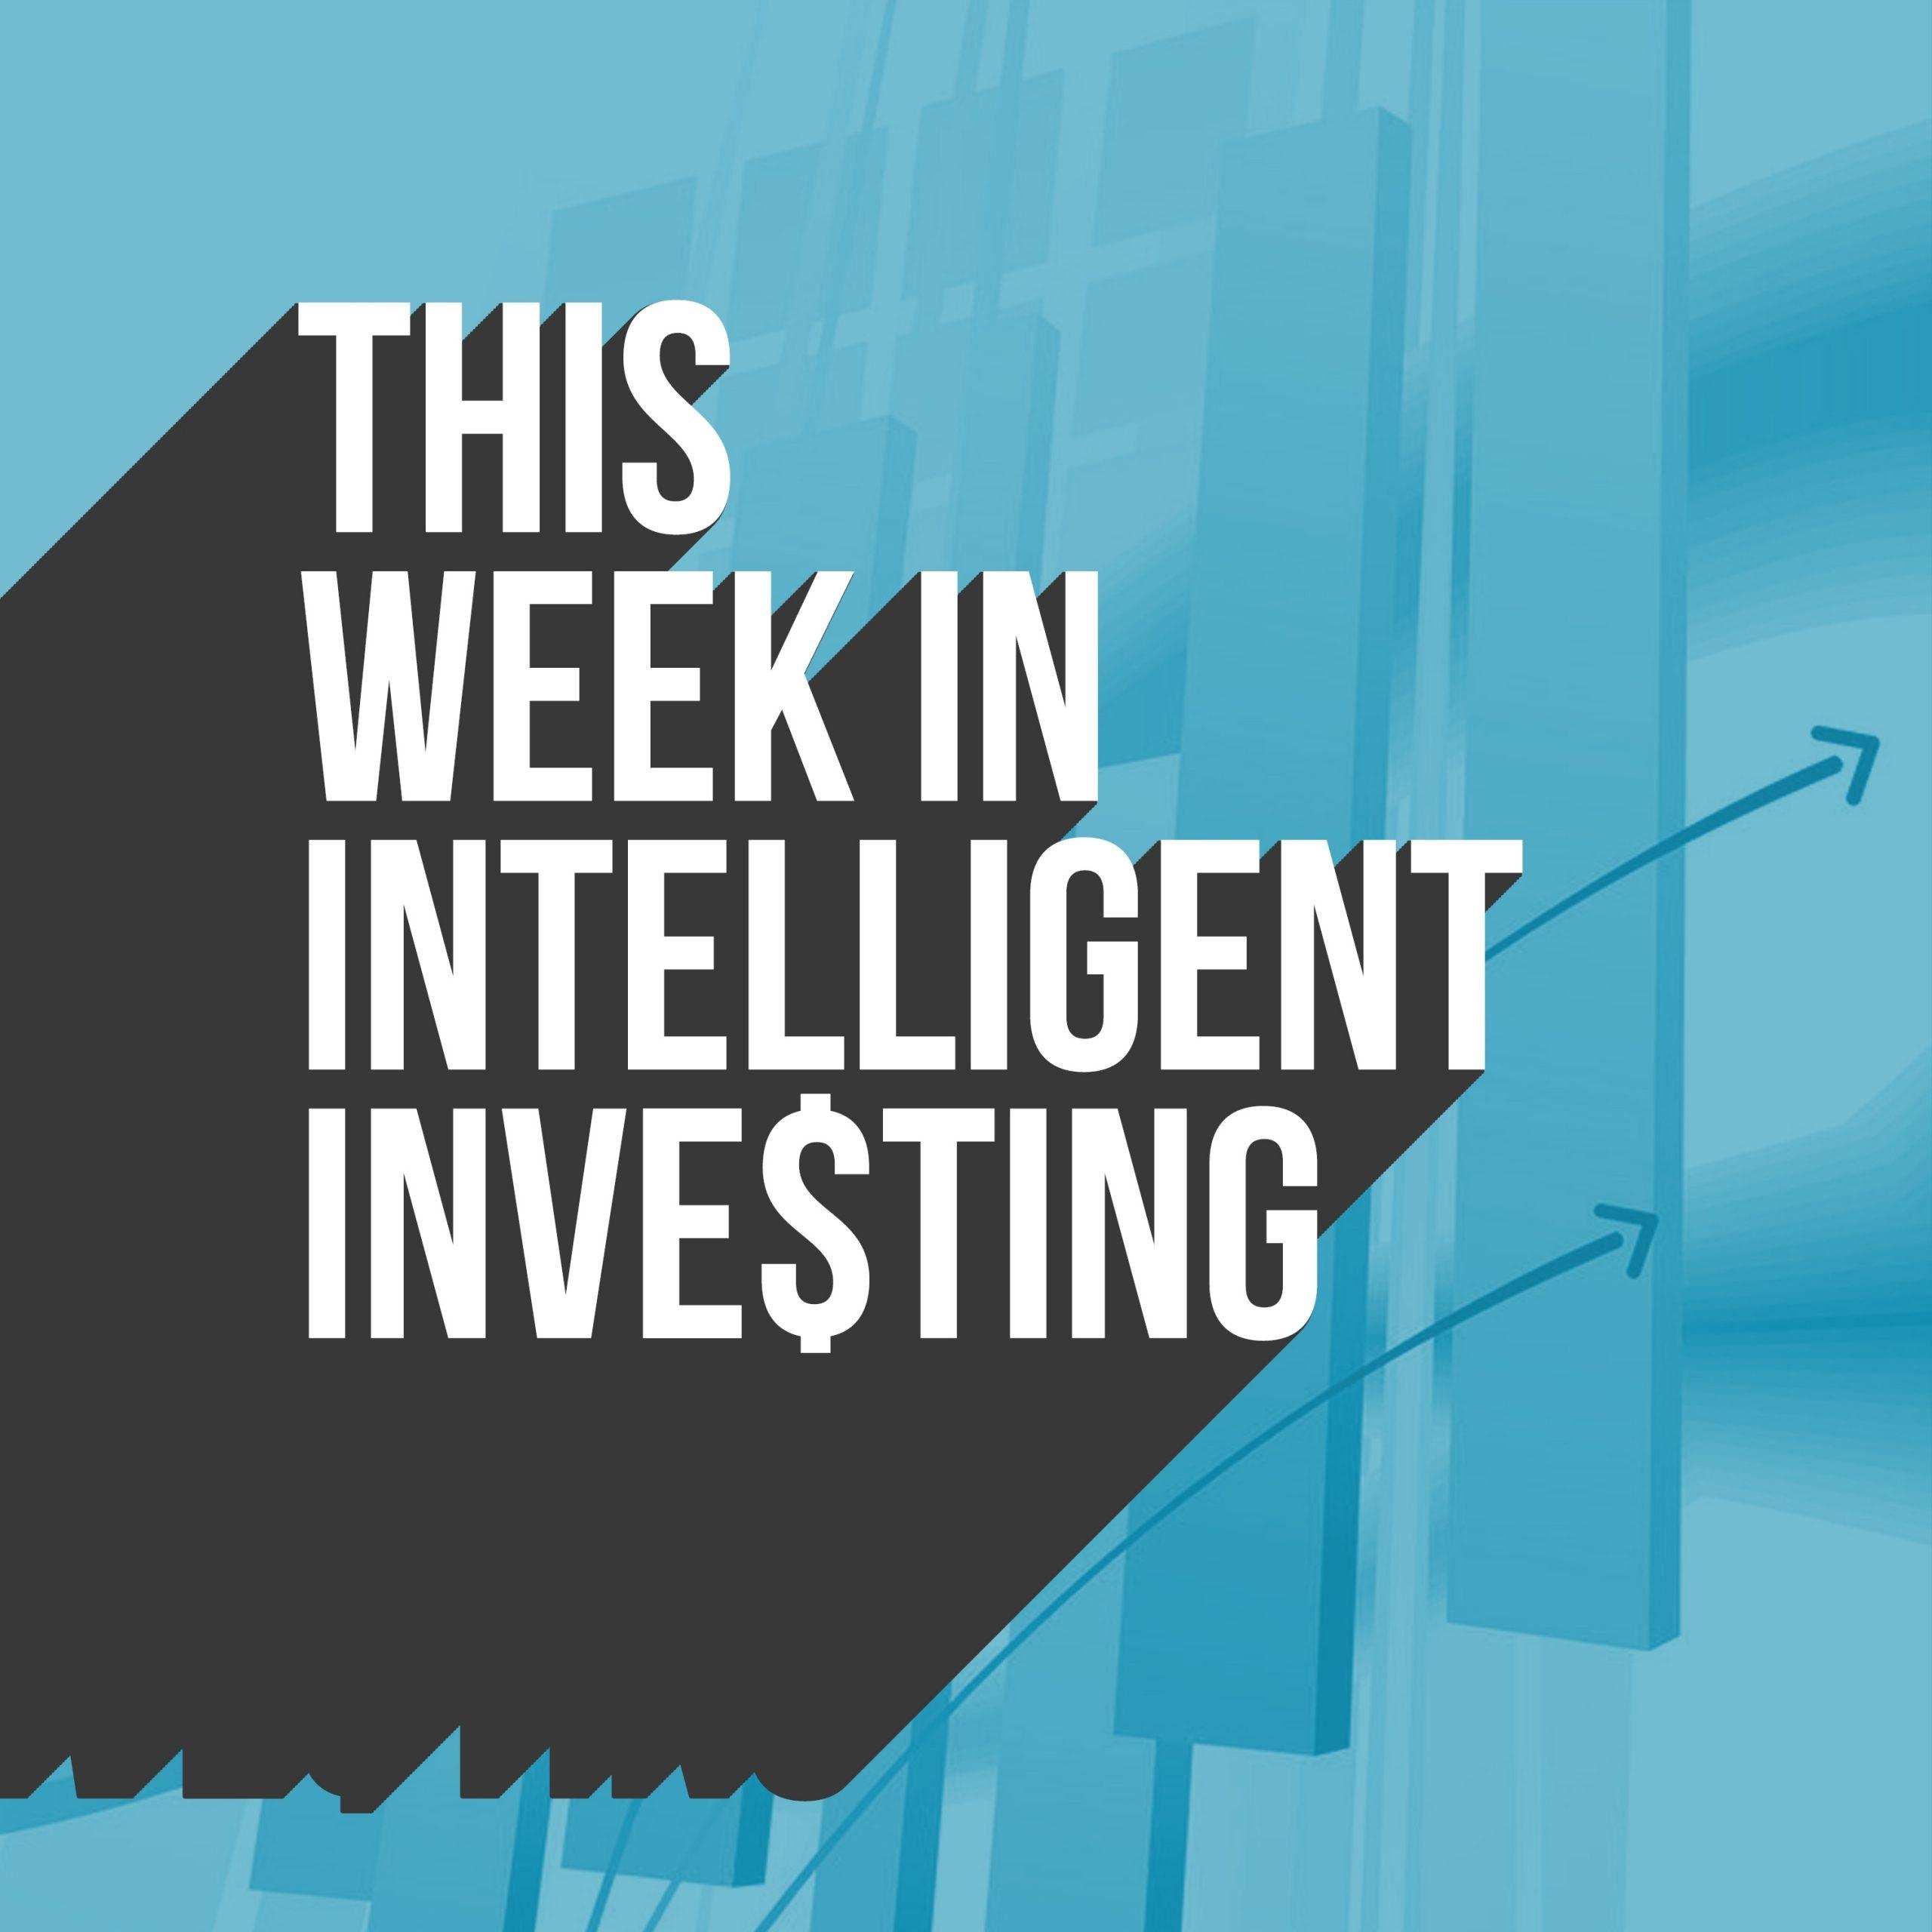 Pick What Financial Week Is It